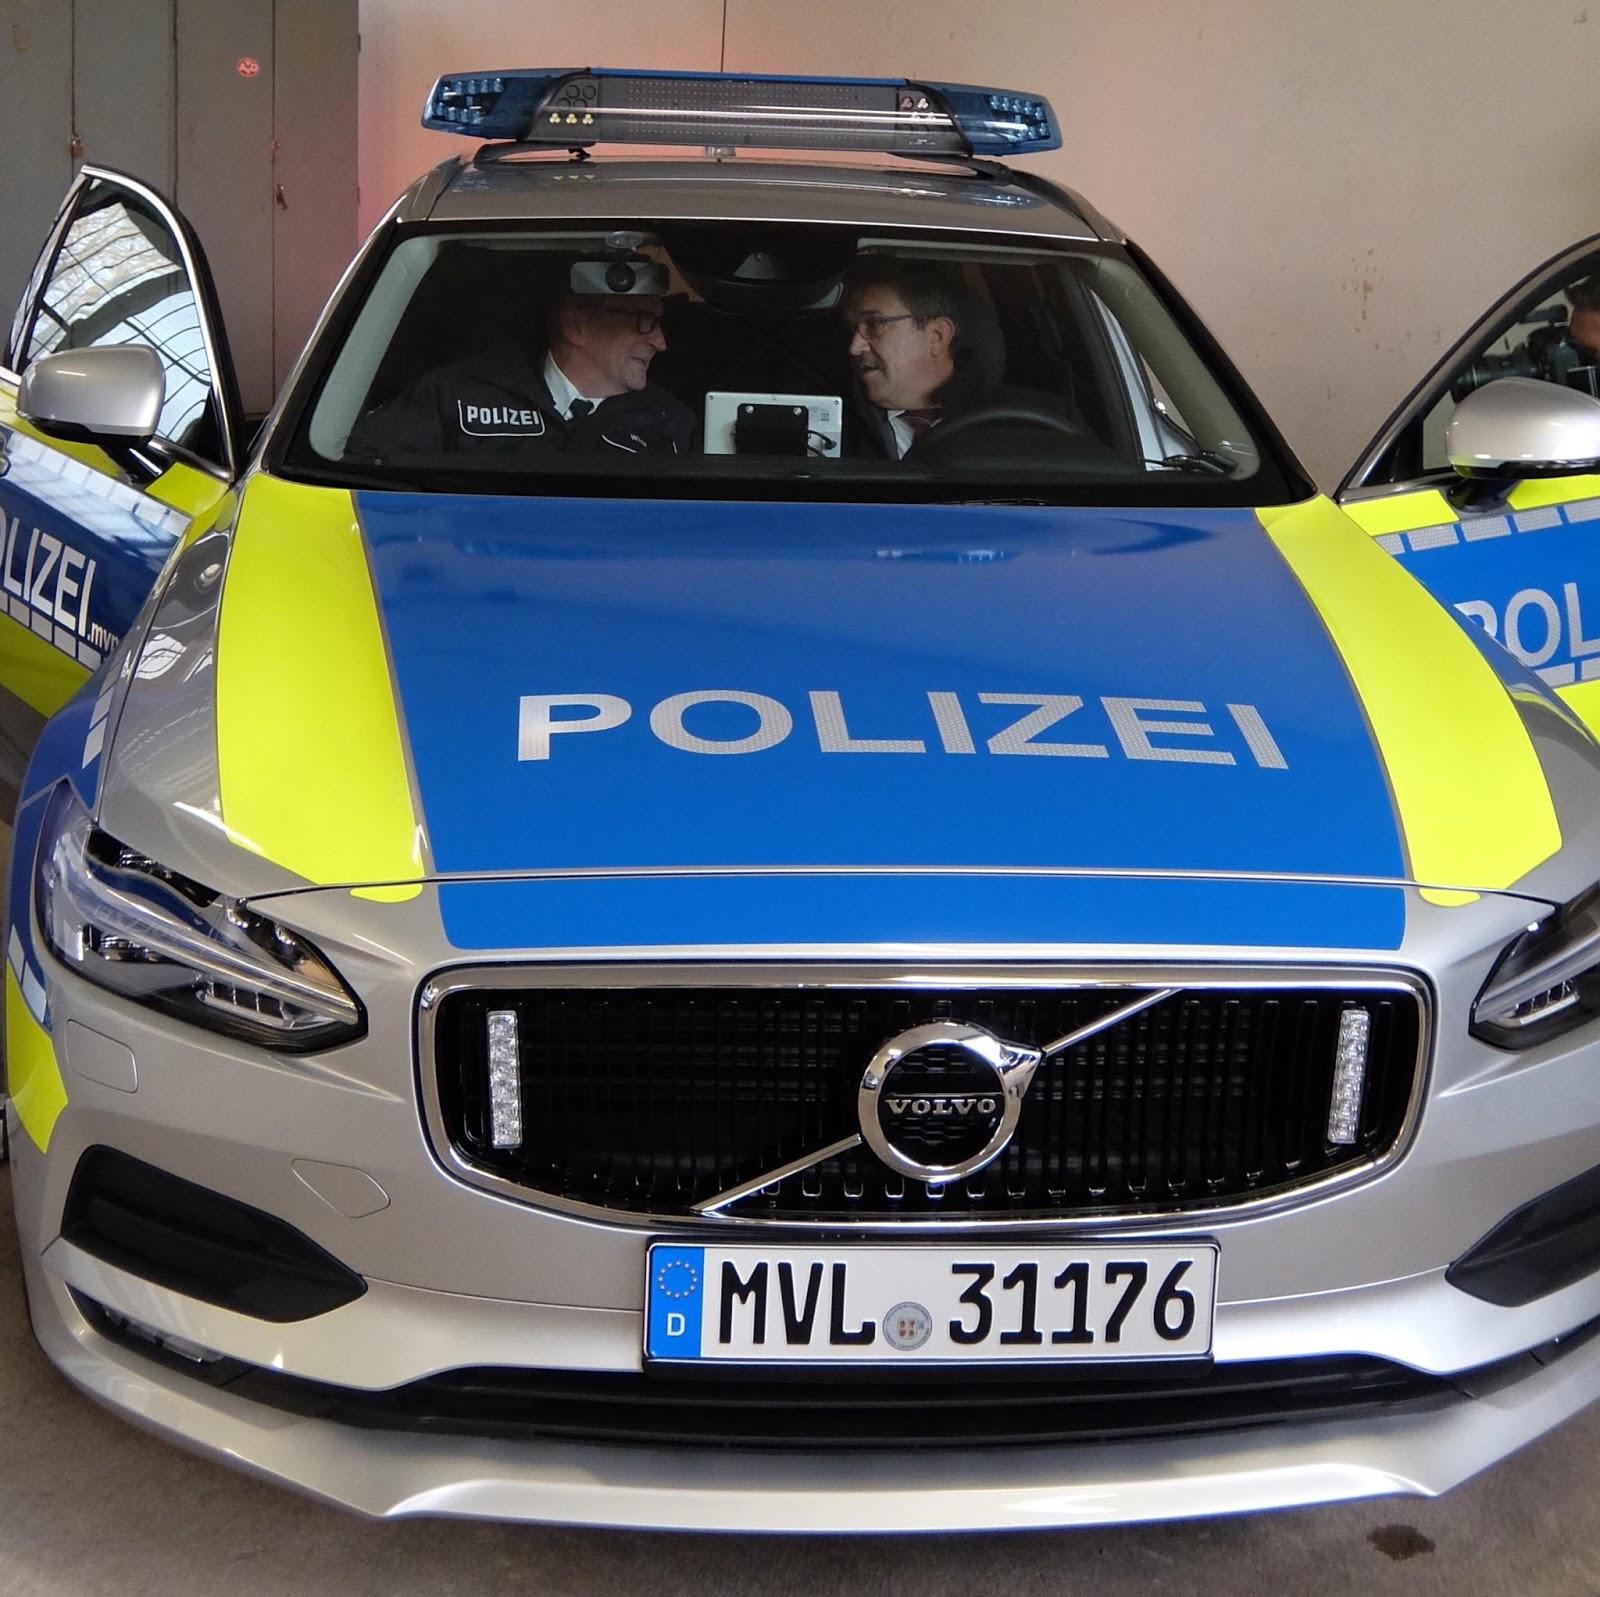 Tajemnicza śmierć kierowcy z Łukowa w Niemczech. Dziś sekcja zwłok - Zdjęcie główne